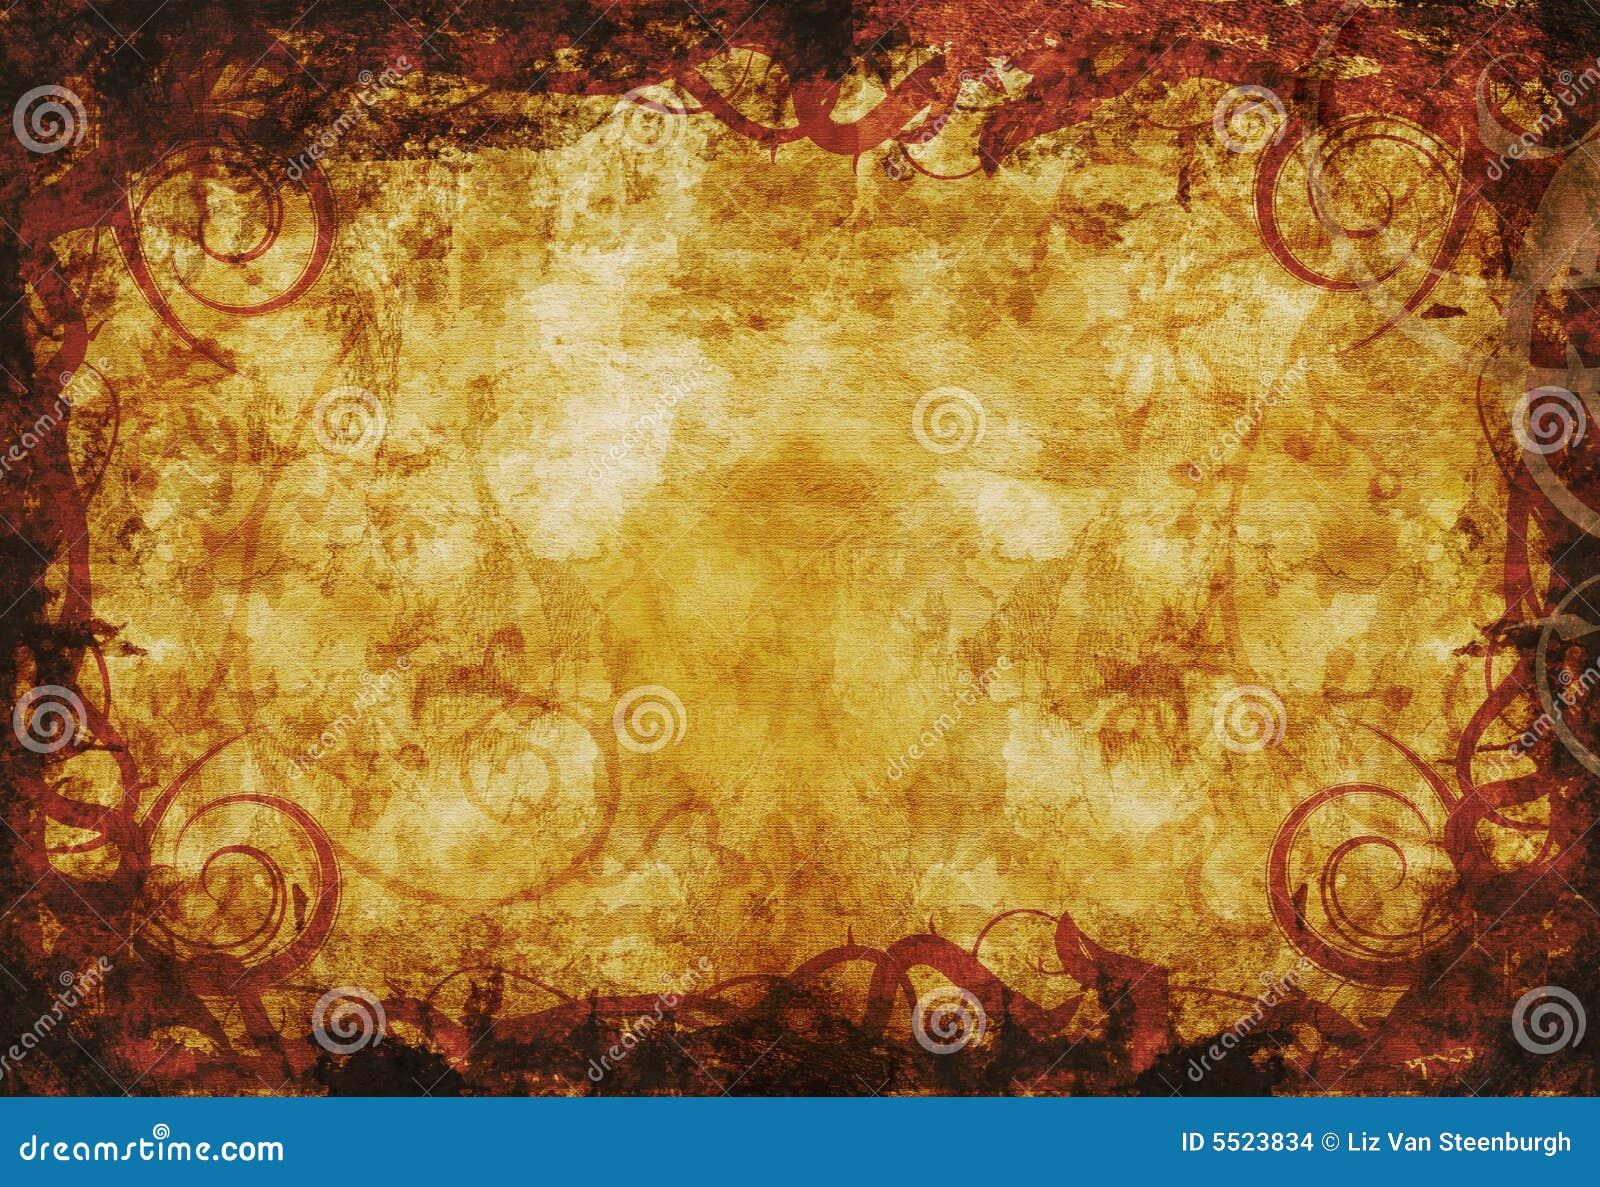 parchment wallpaper